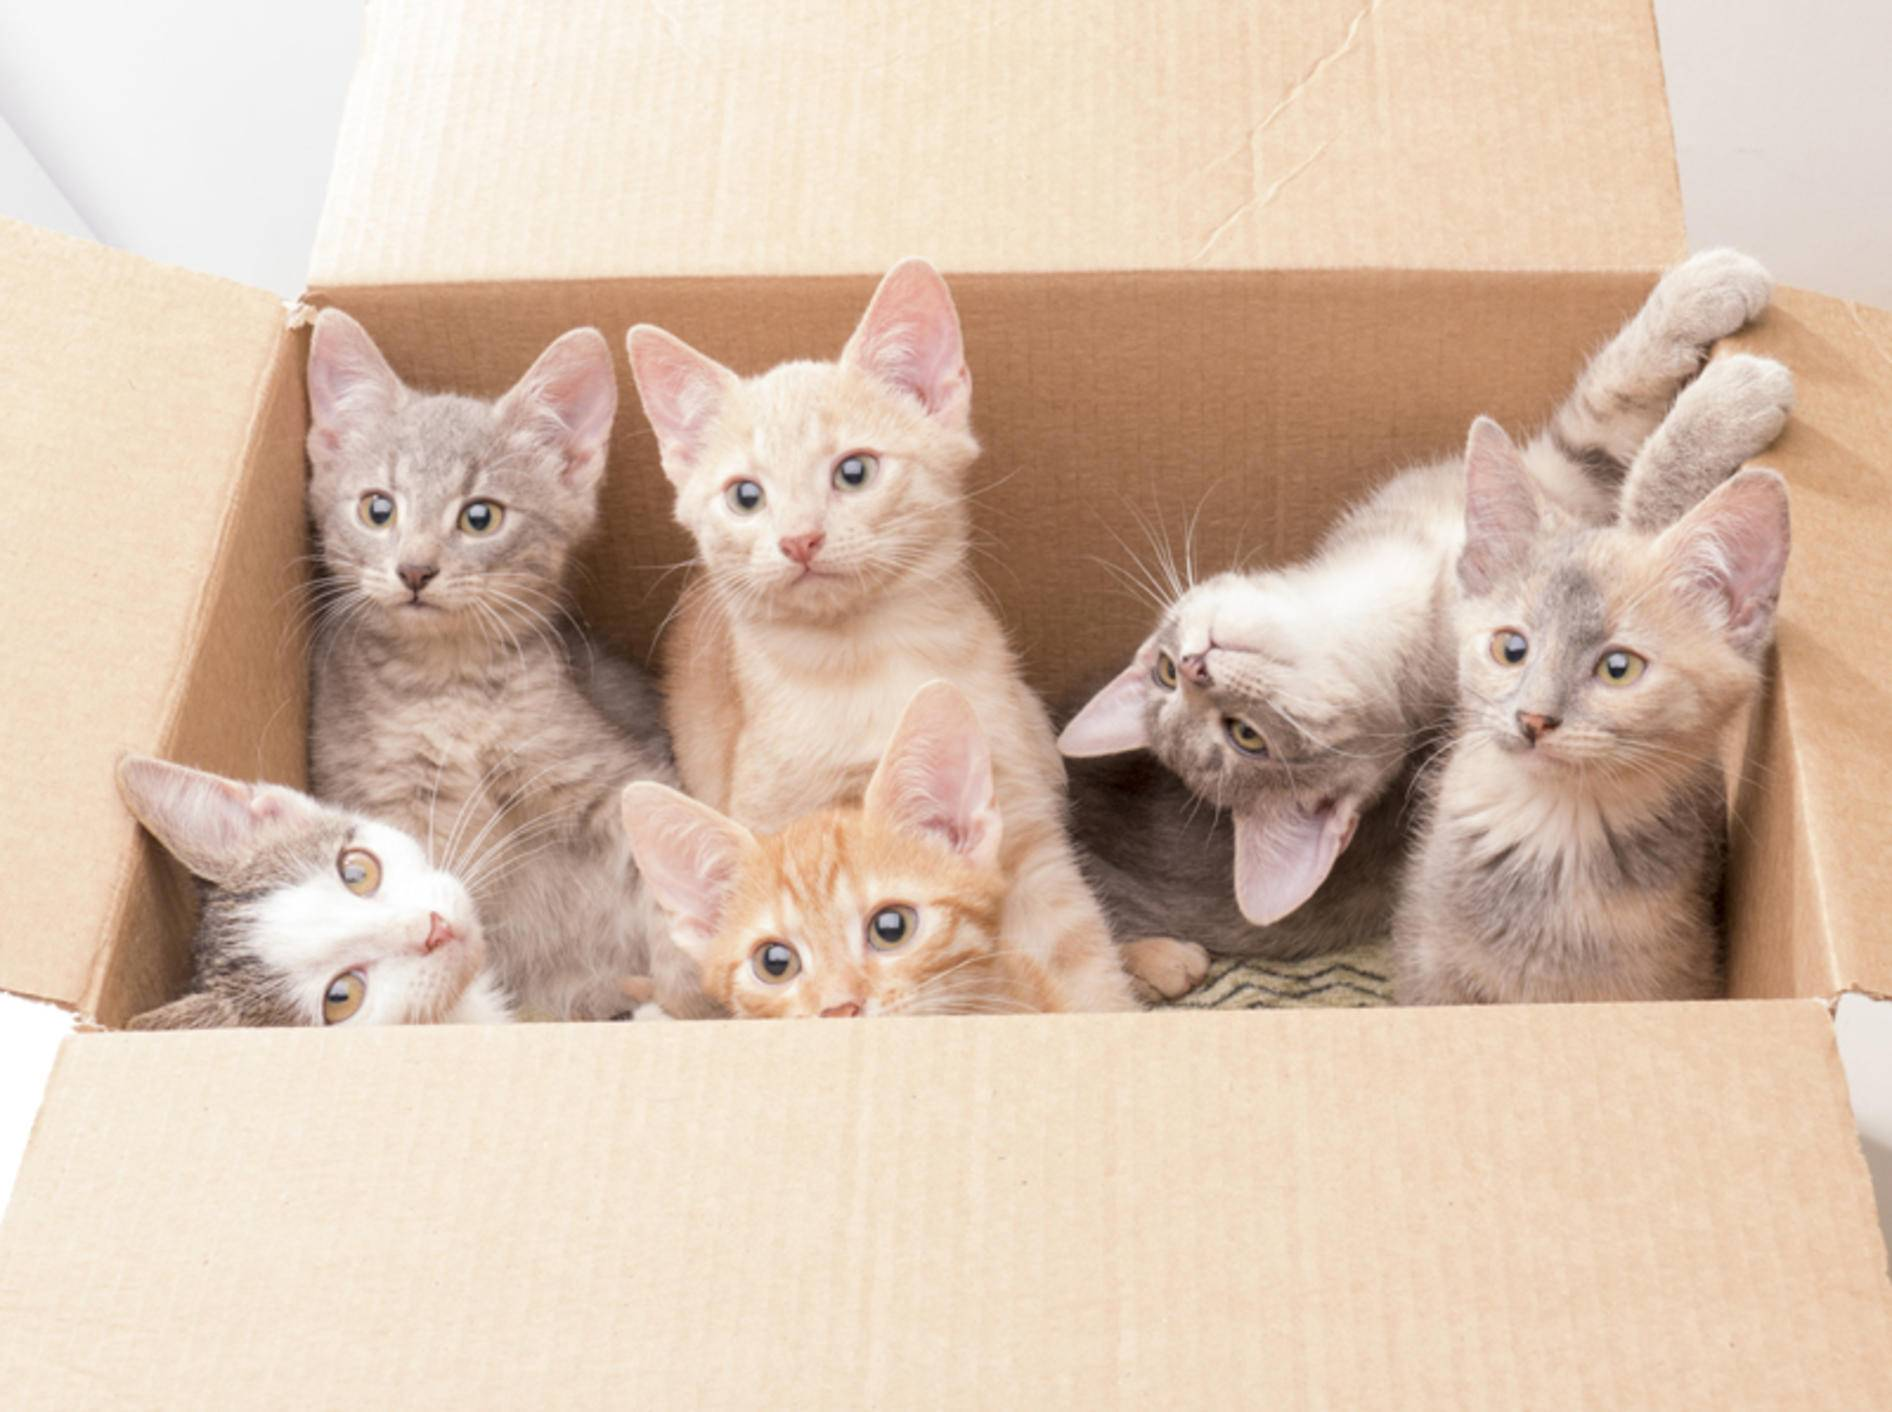 Ausgesetzte Katzenbabys in einem Karton: Wie kann man den kleinen Fellnasen helfen? – Shutterstock / Serega K Photo and Video